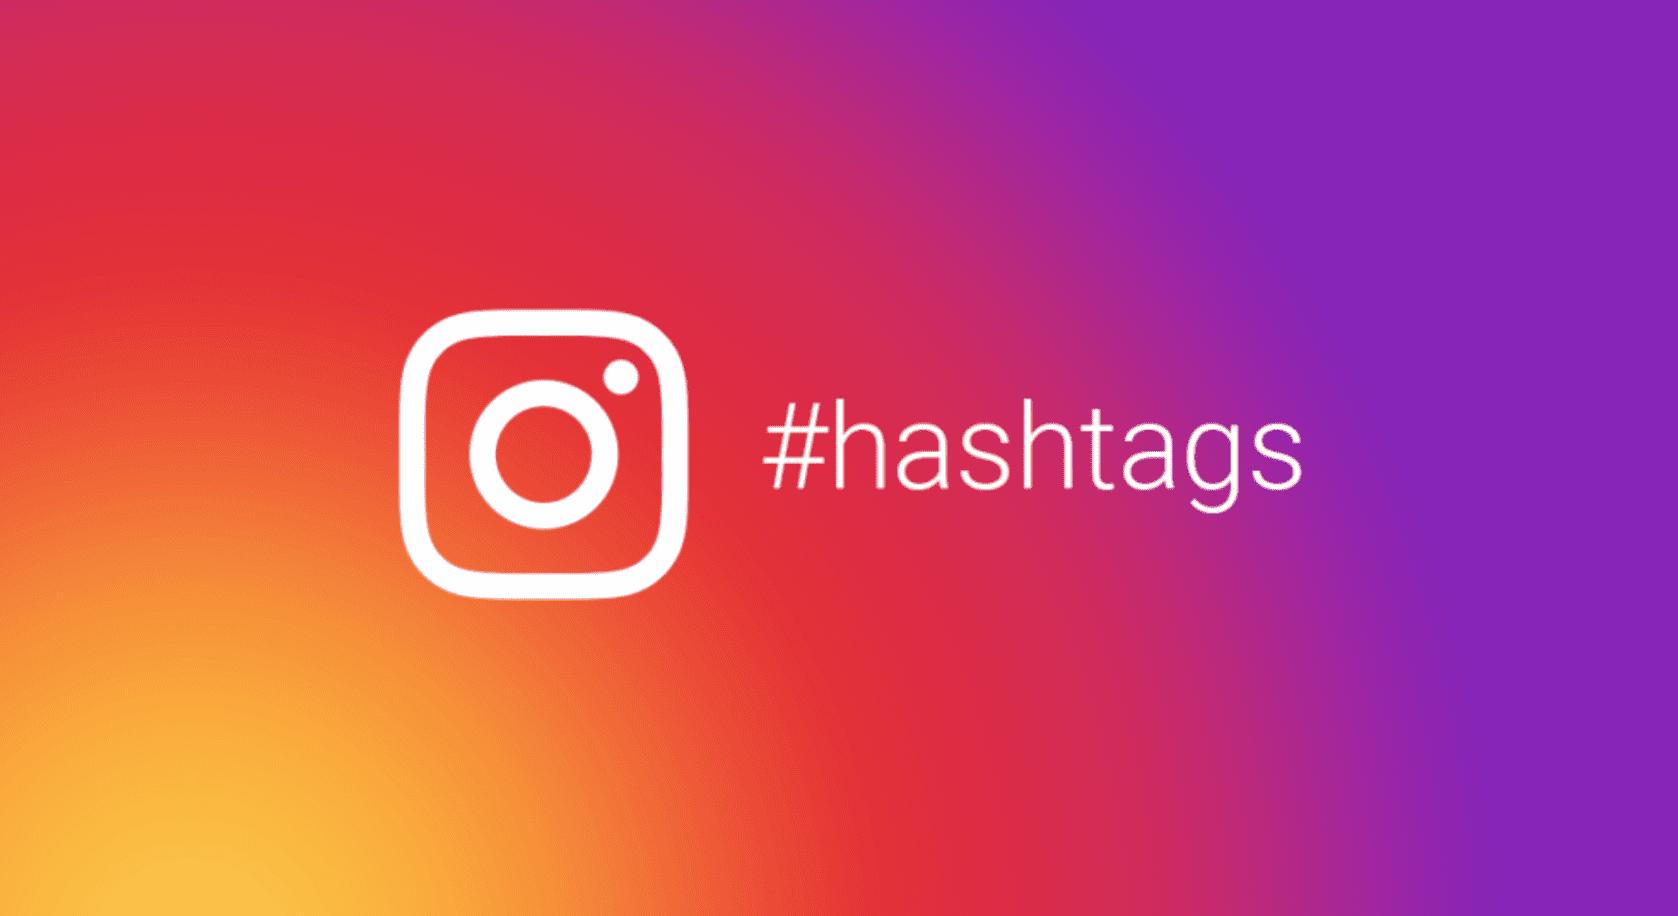 Hashtag - O que é, como usar, significado e as + 100 mais usadas